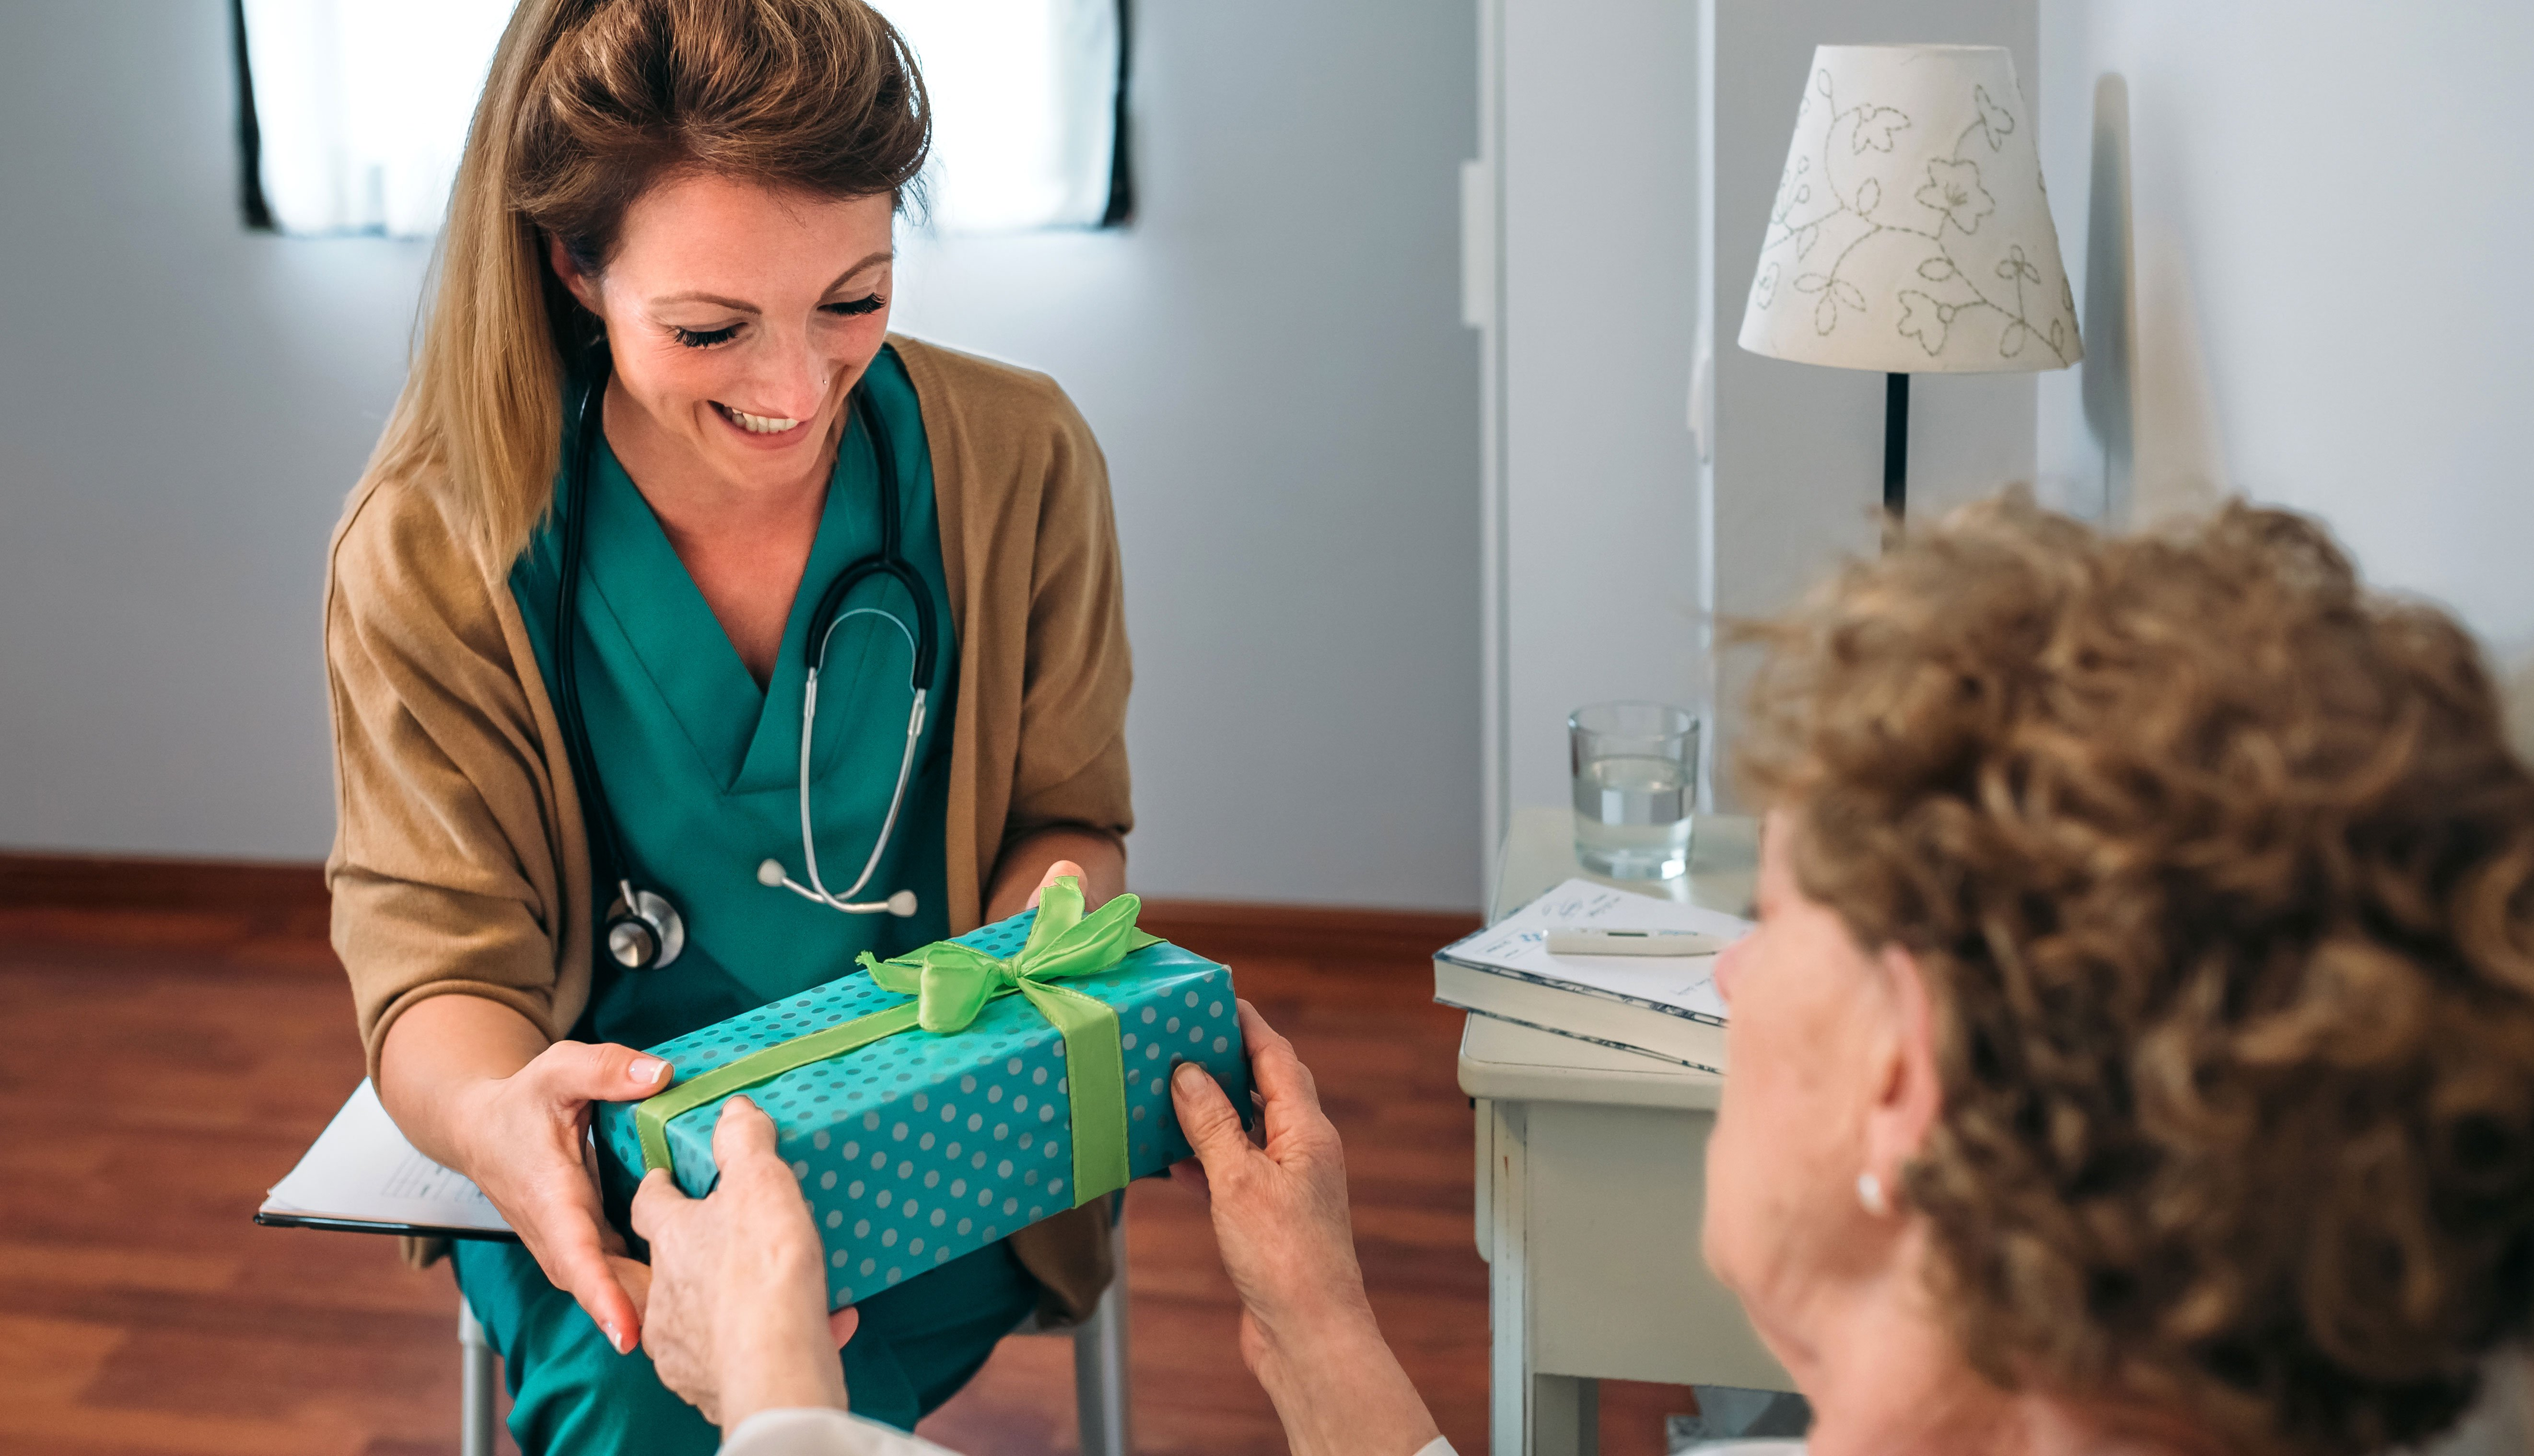 Doctora recibiendo un regalo de un paciente